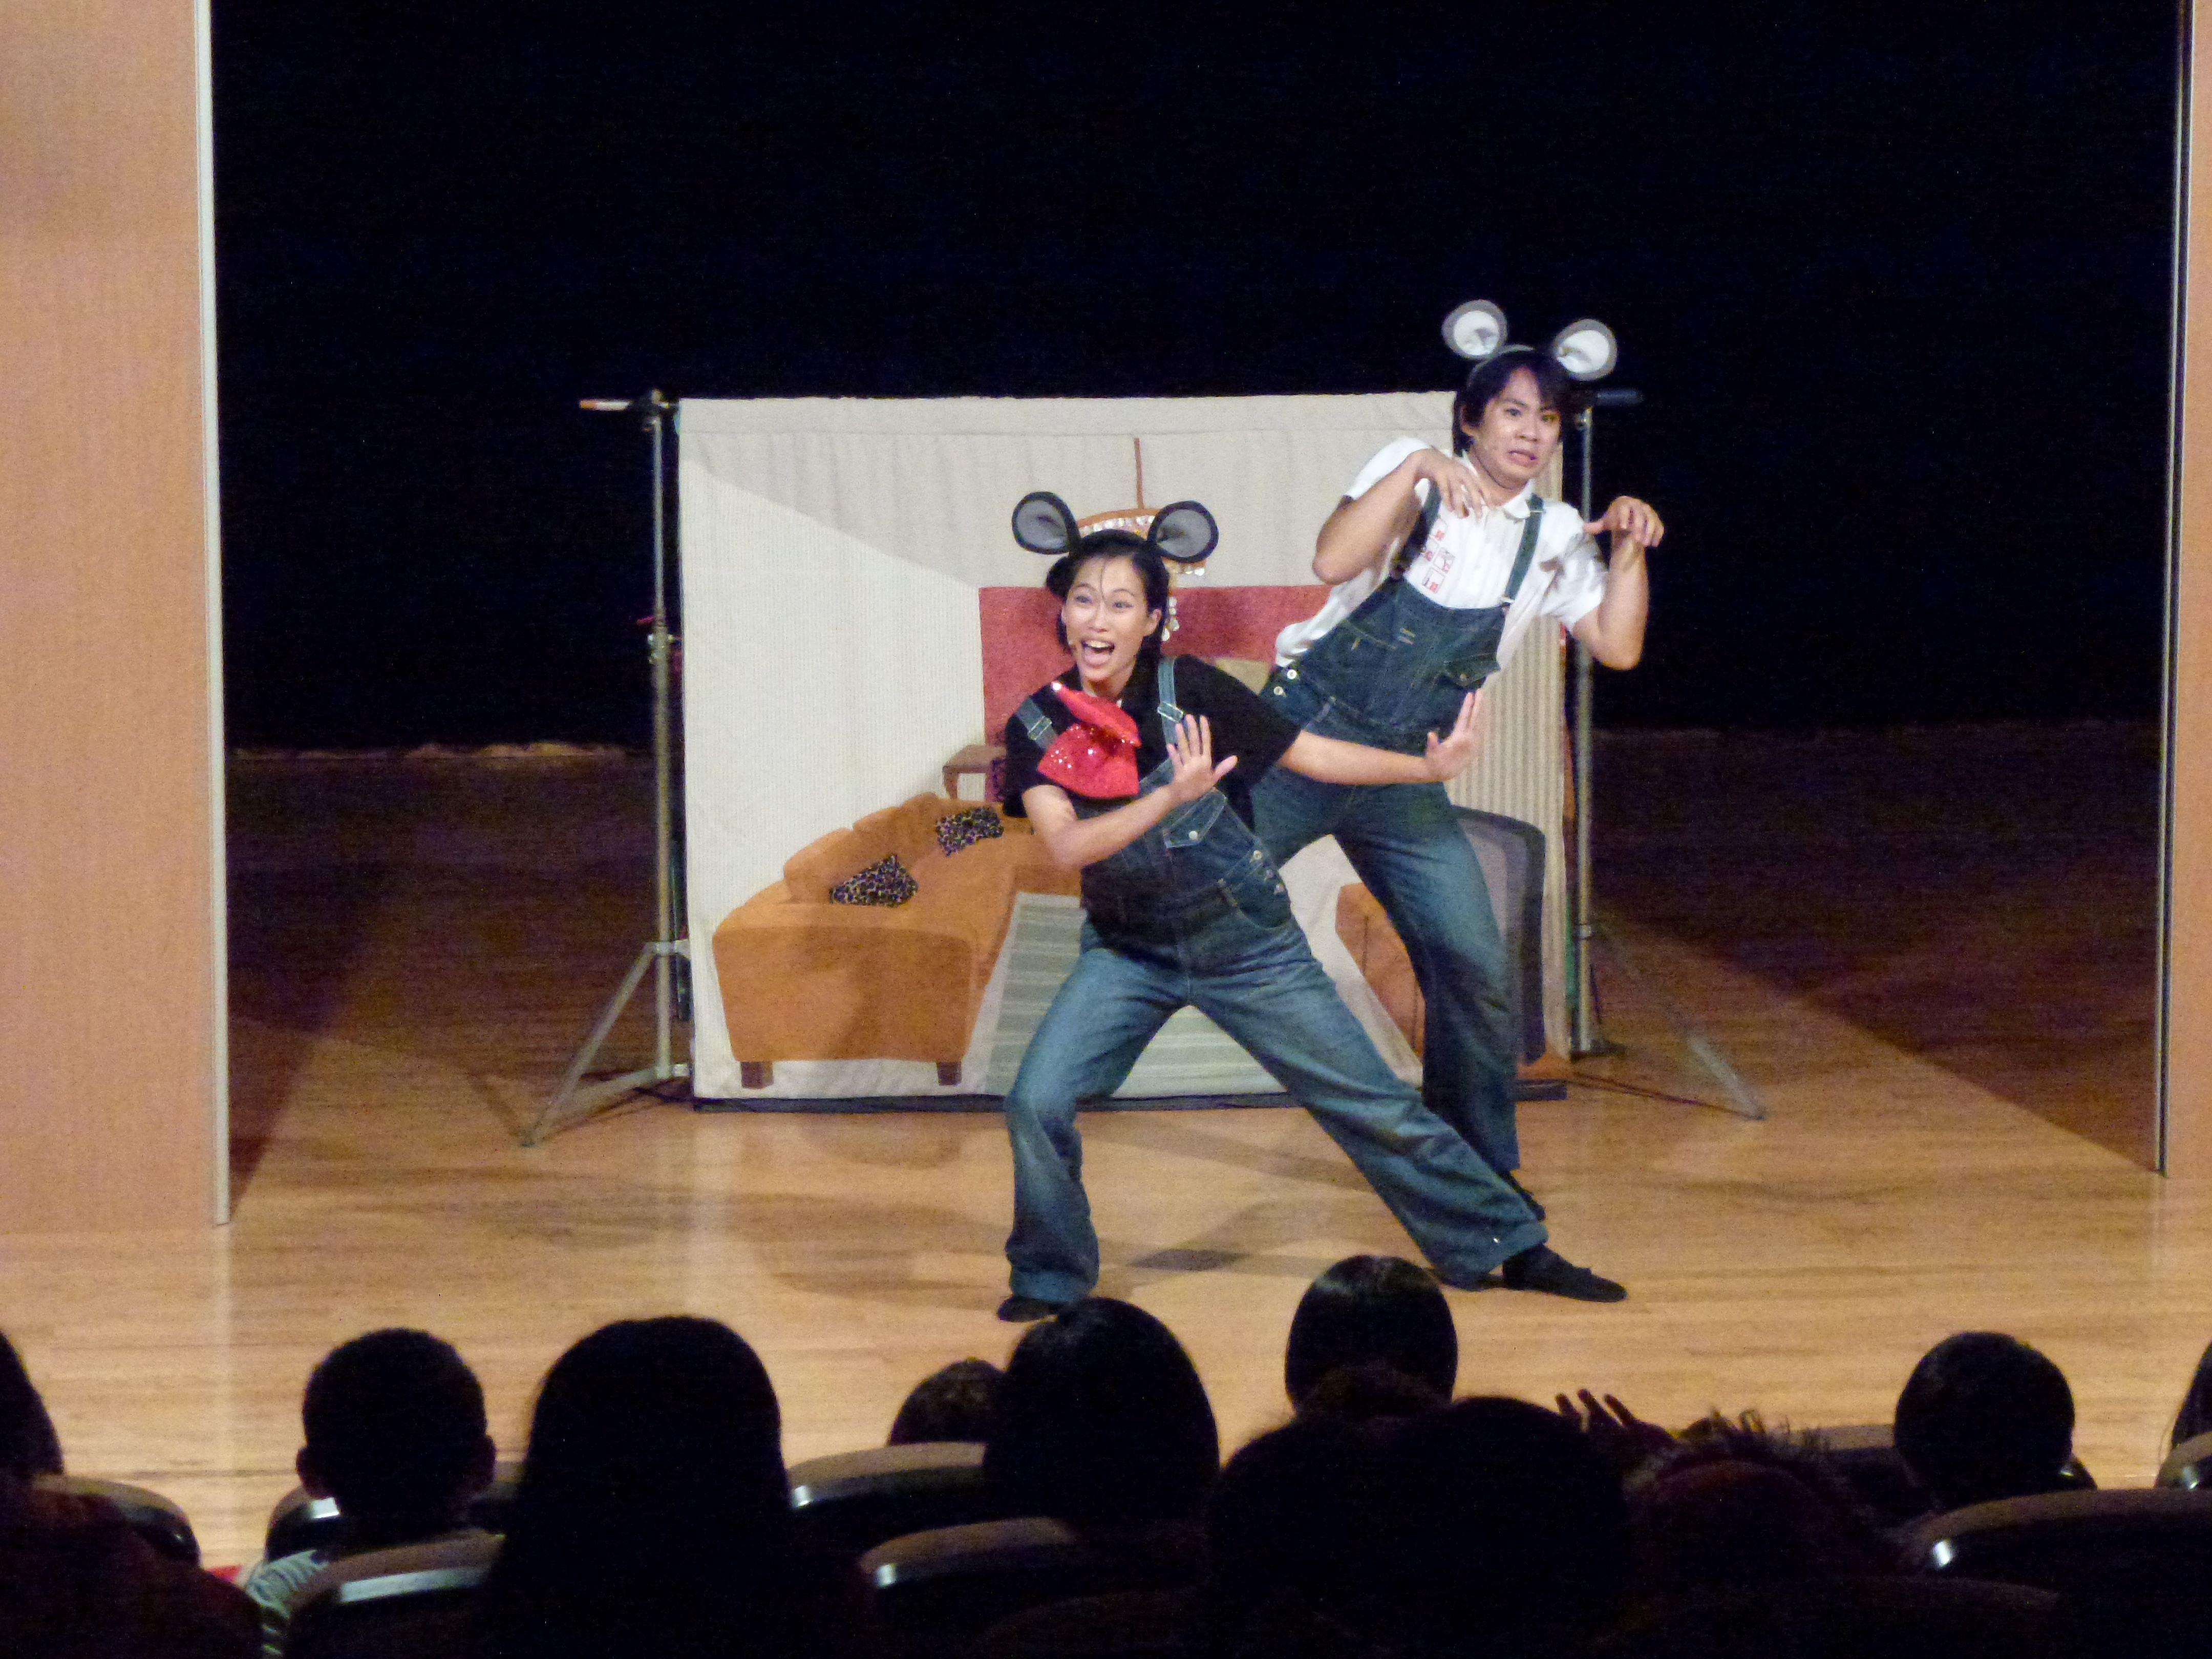 「Be劇團」可愛逗趣的《快樂鼠》劇碼